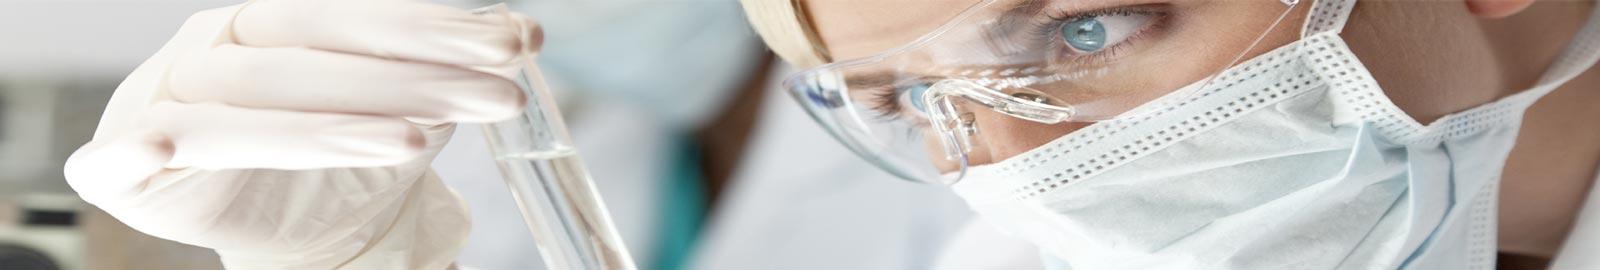 Sanitersur - Desinfeccion- Tratamientos